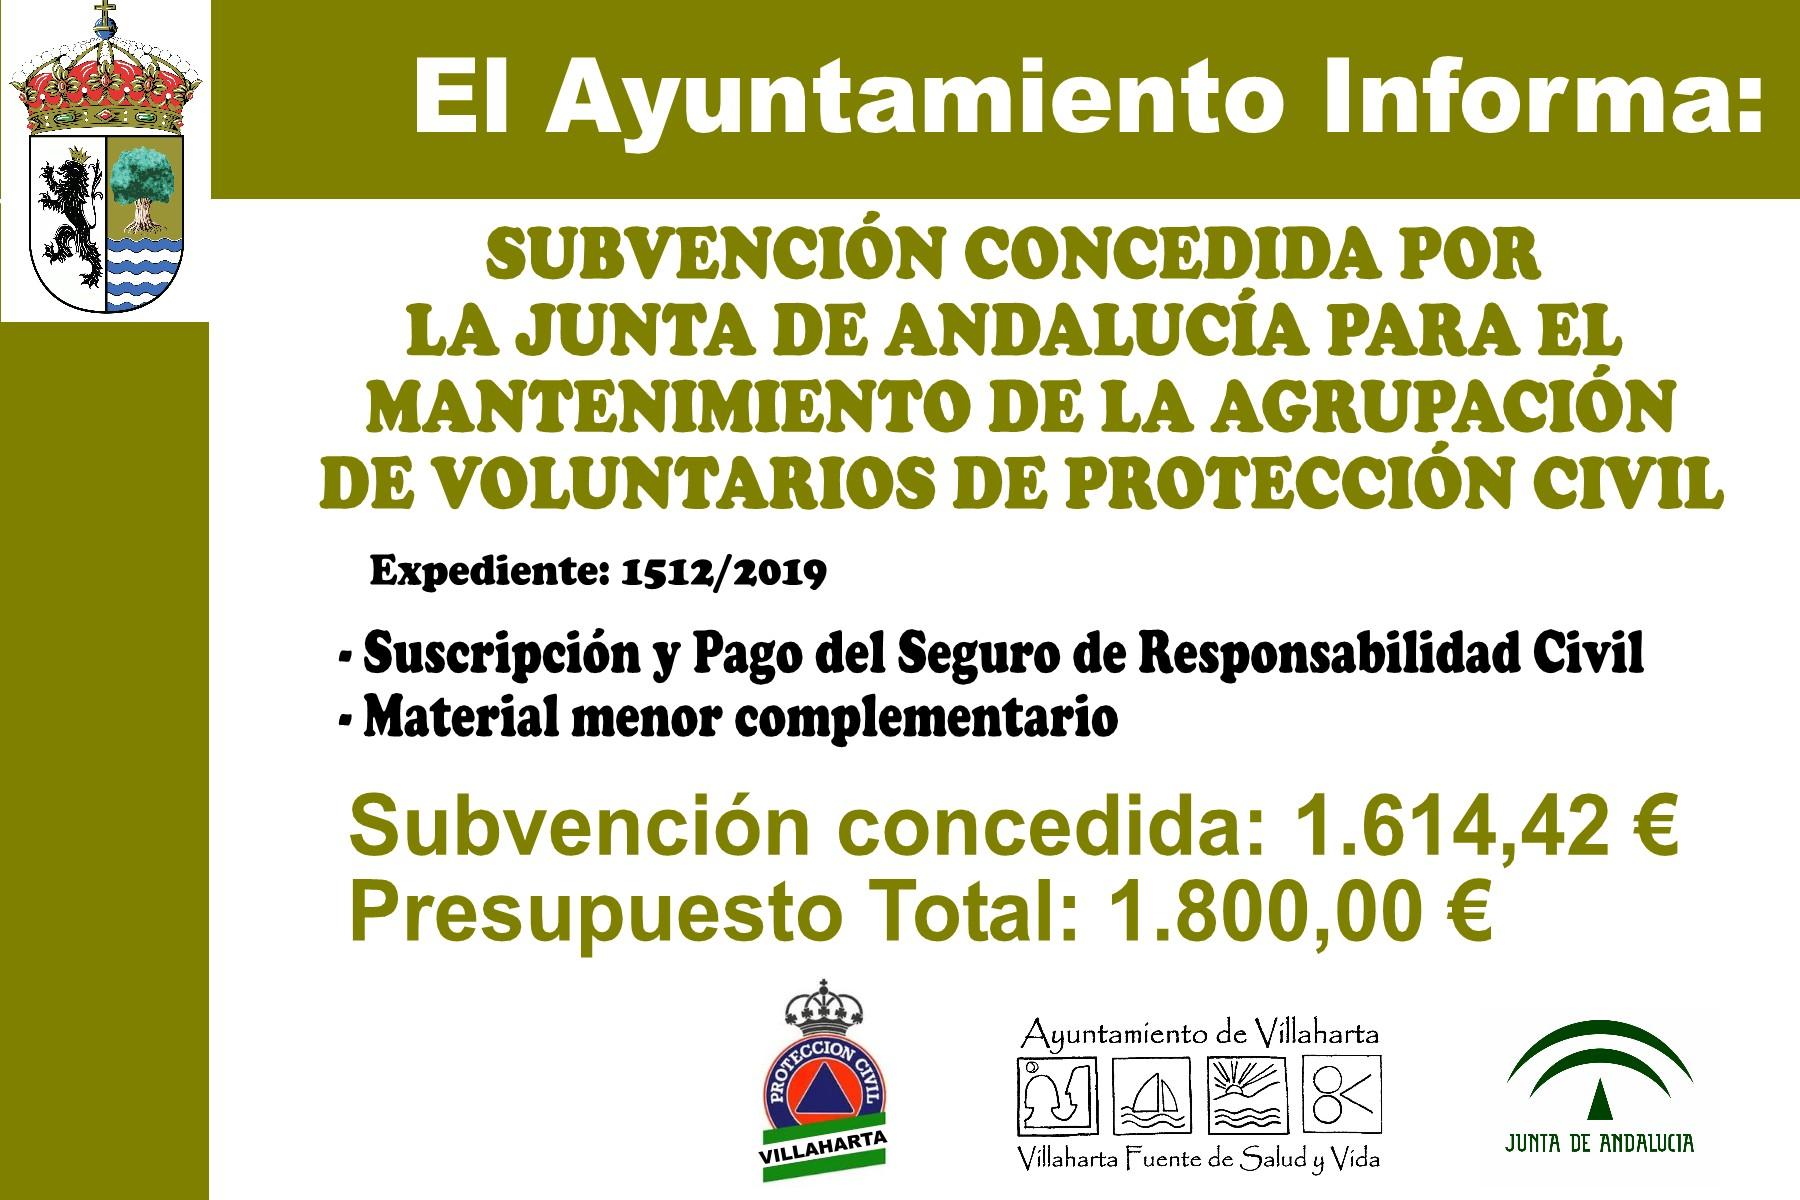 SUBVENCIONES RECIBIDAS 2019 19